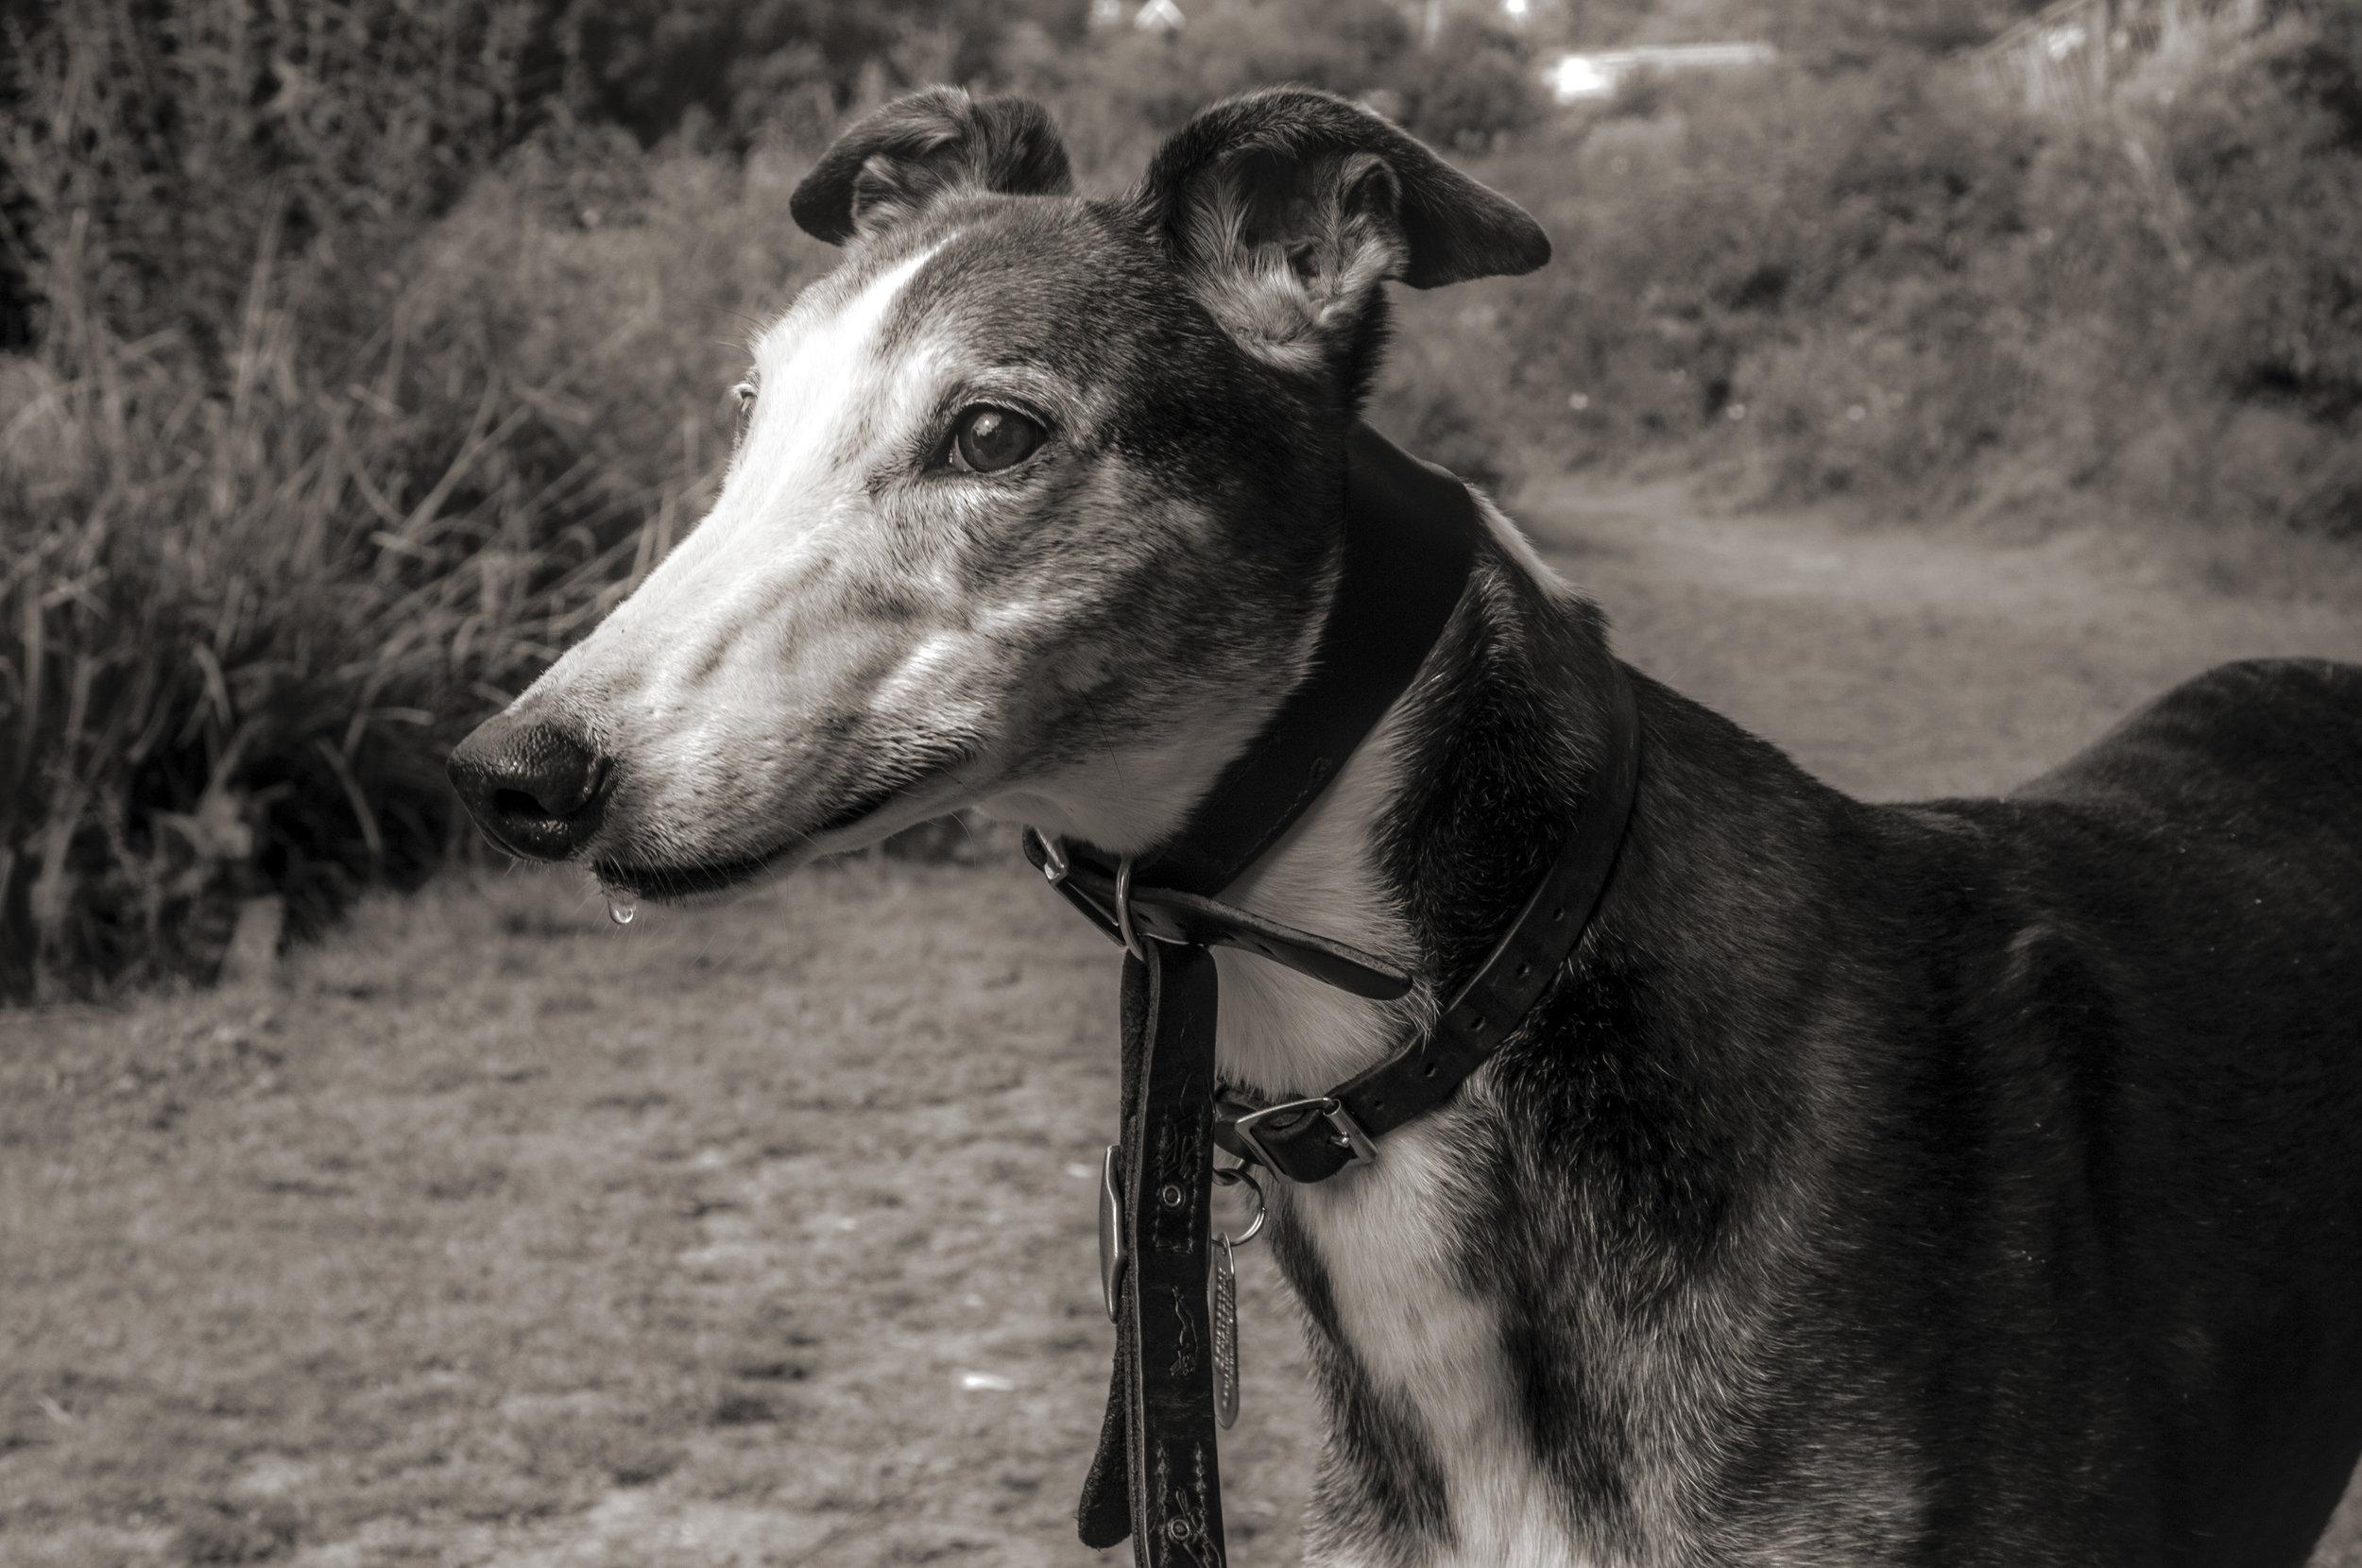 An older greyhound